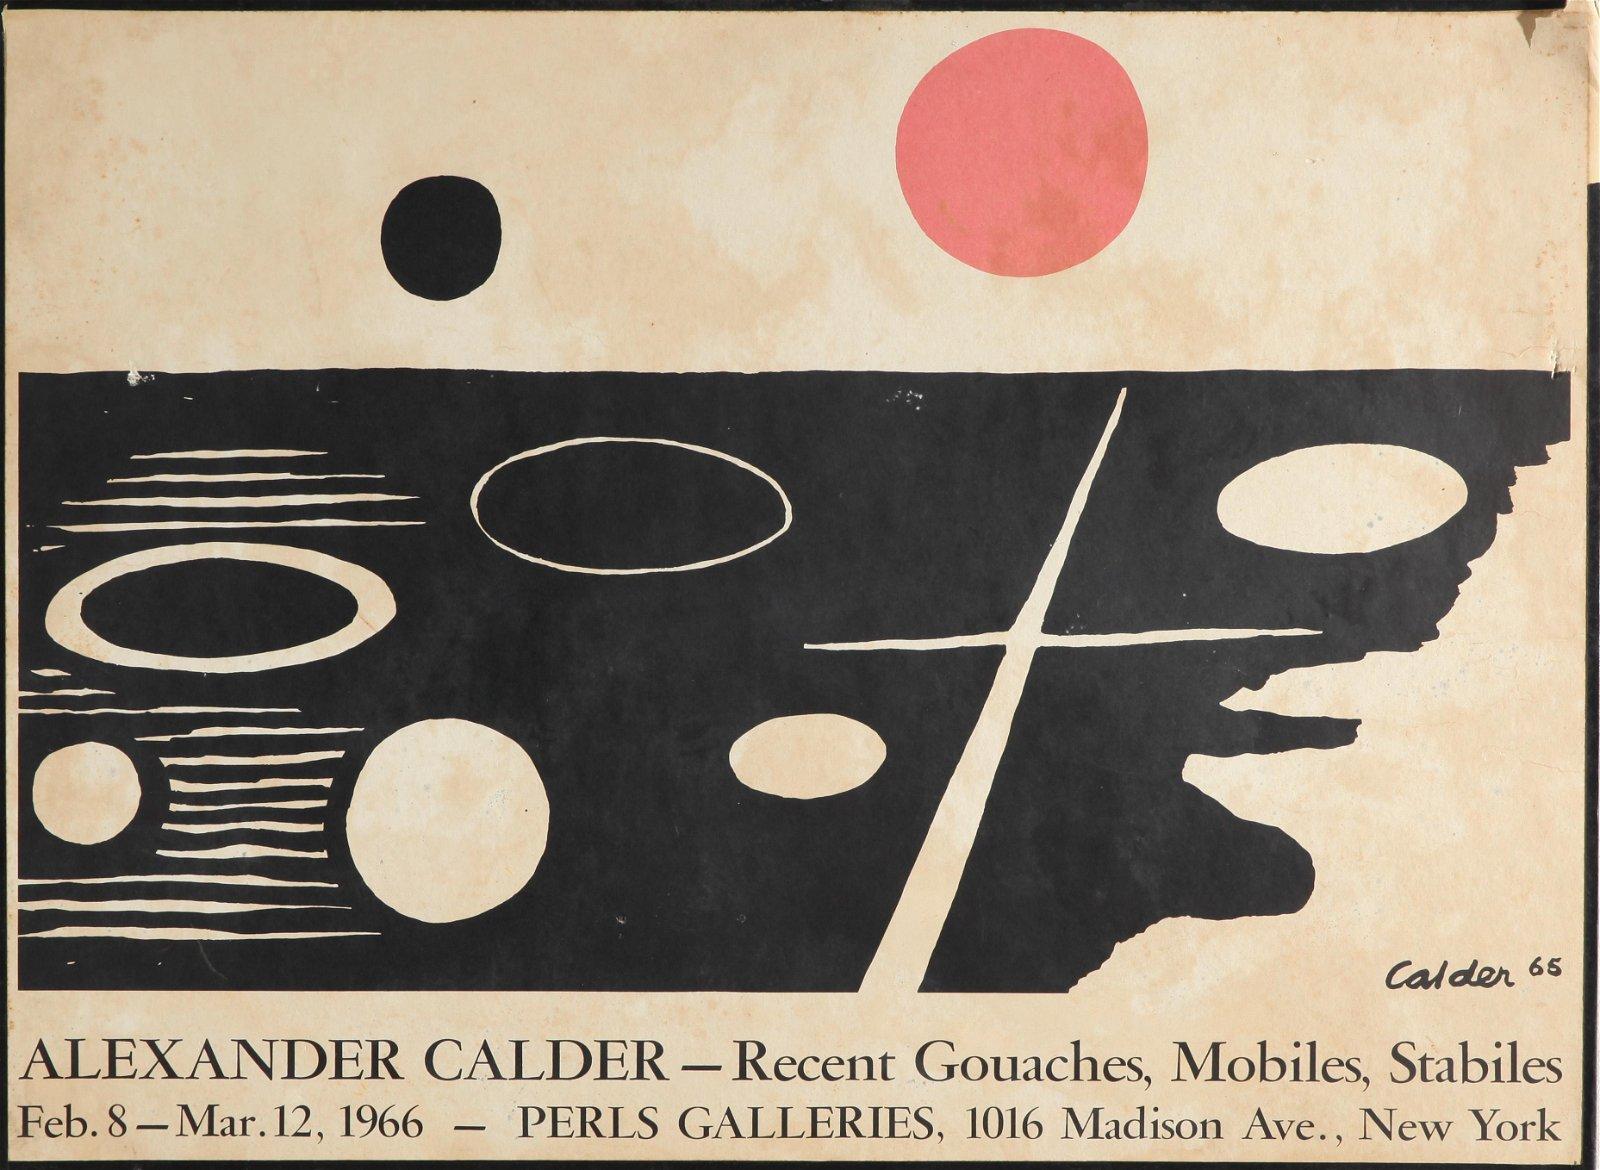 Alexander Calder Perls Galleries Exhibition Poster